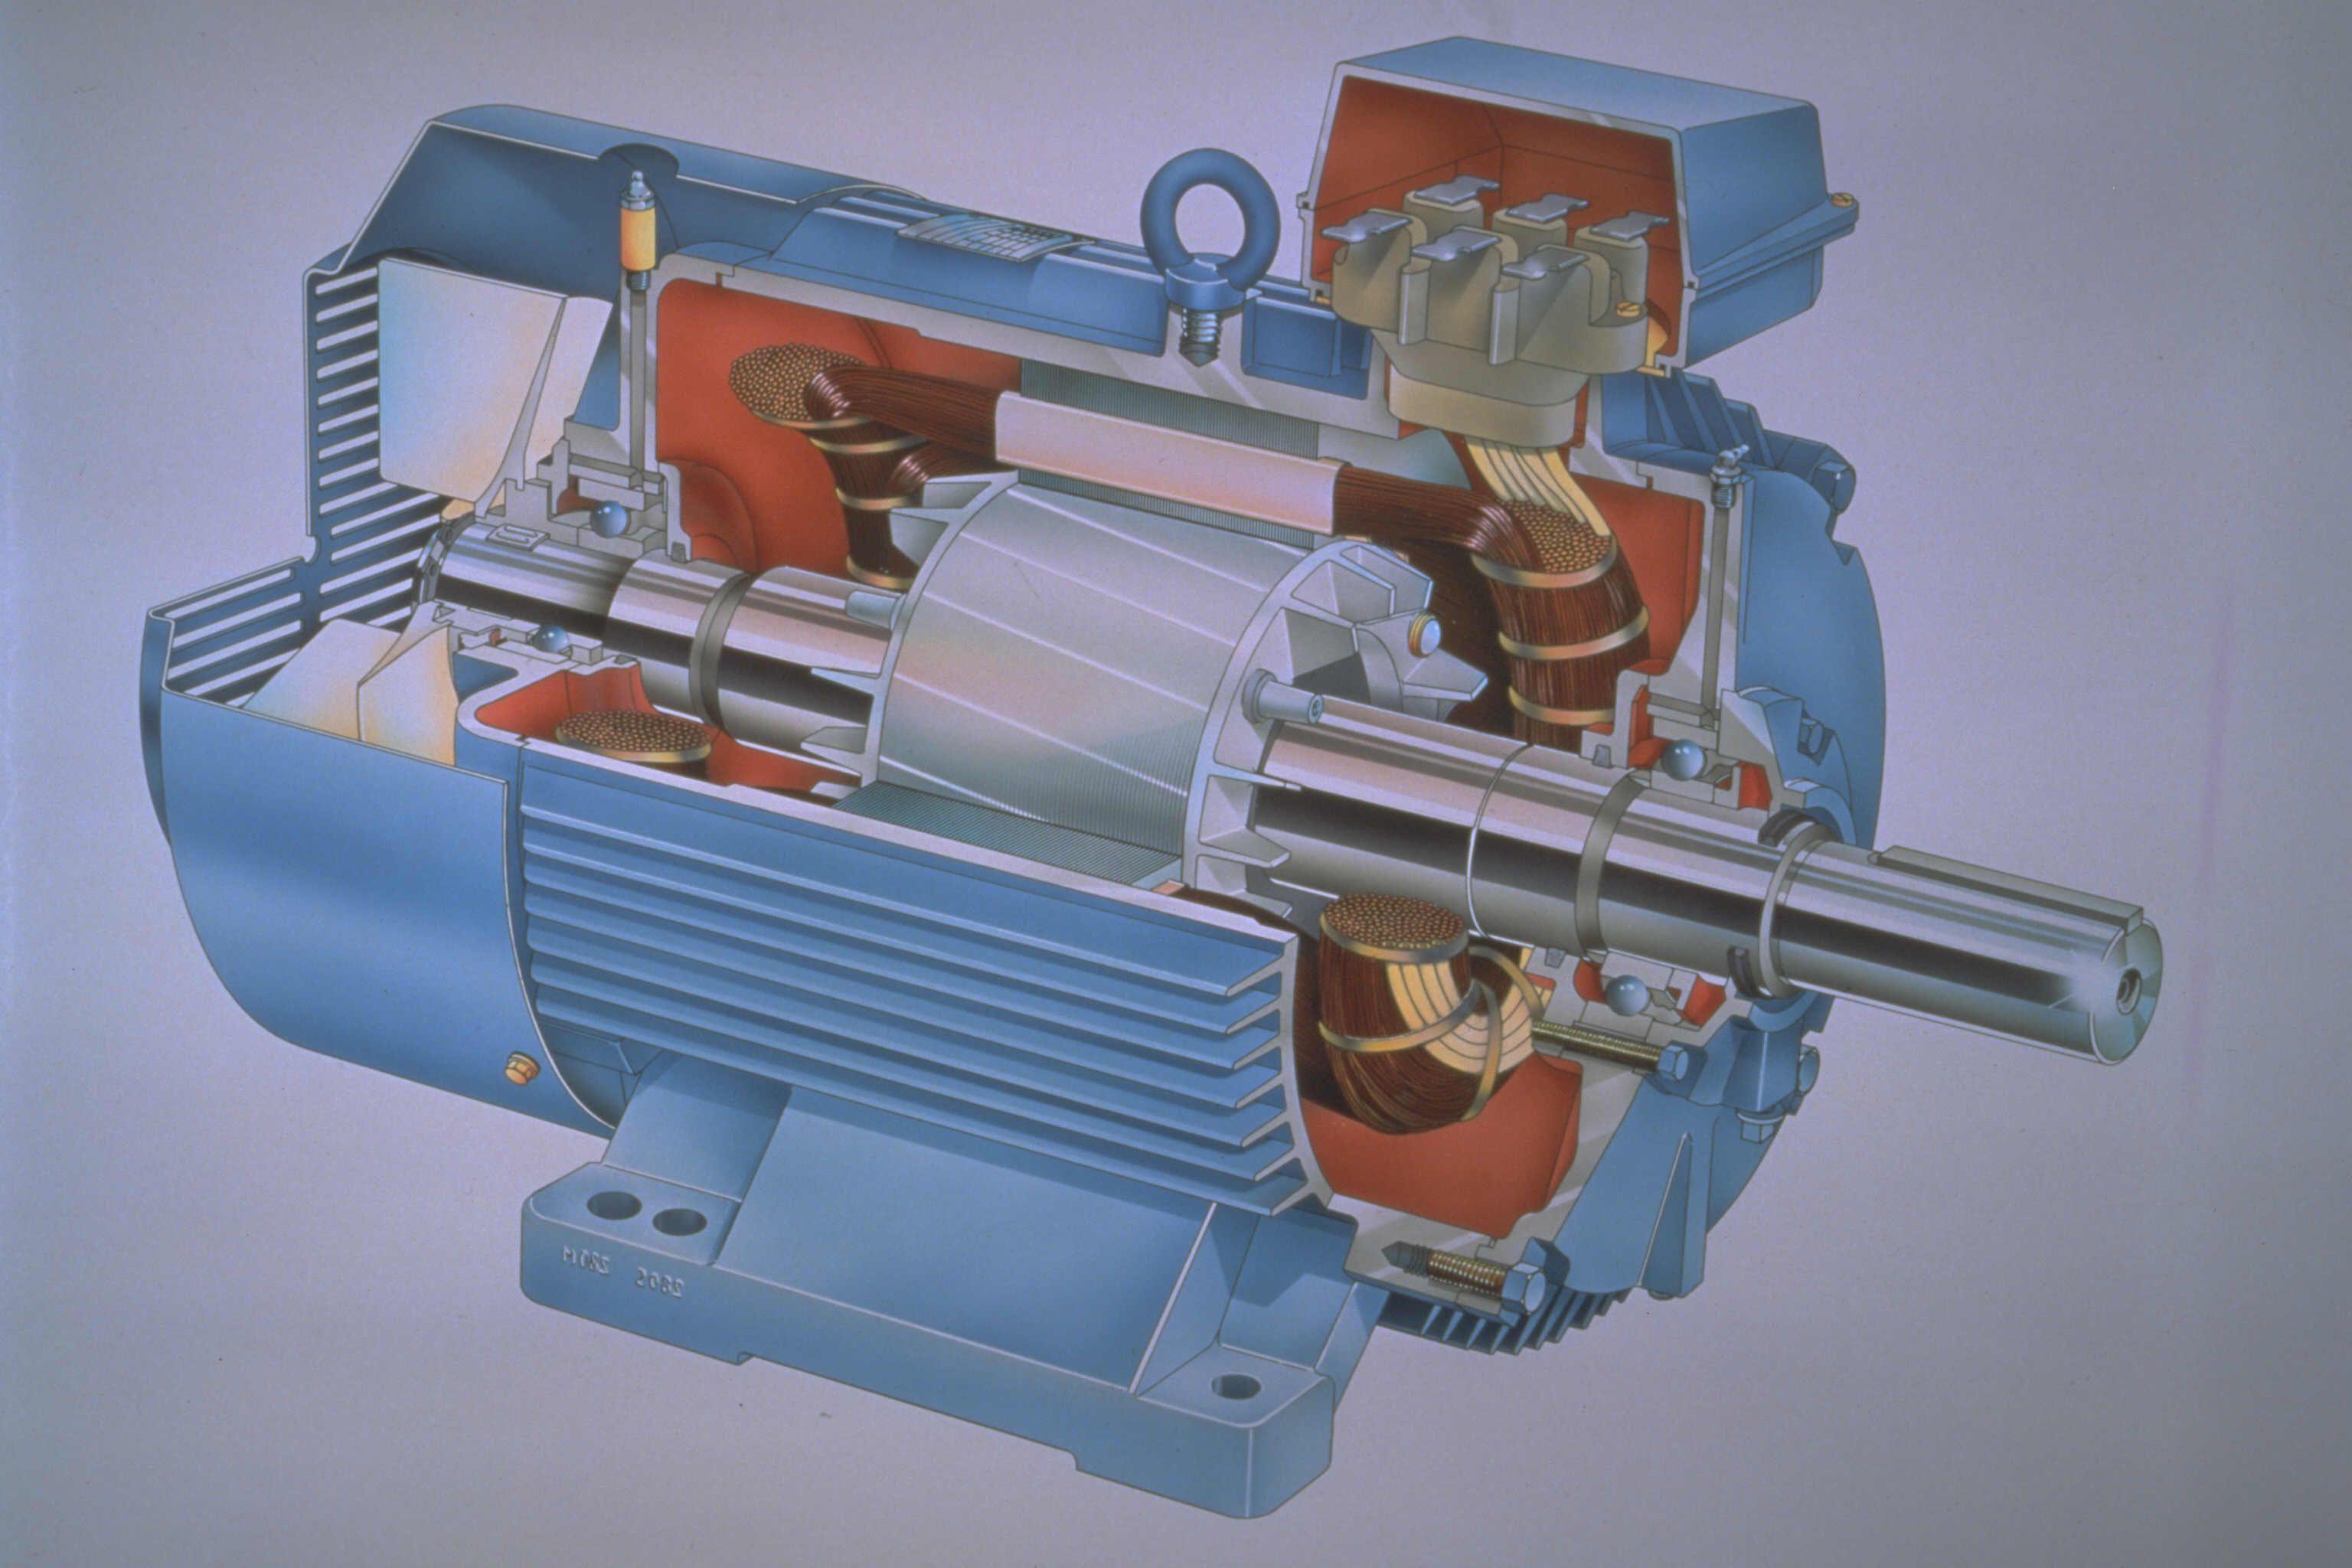 Идеи малого бизнеса ремонт электродвигателей яндекс деньги заработать в интернете